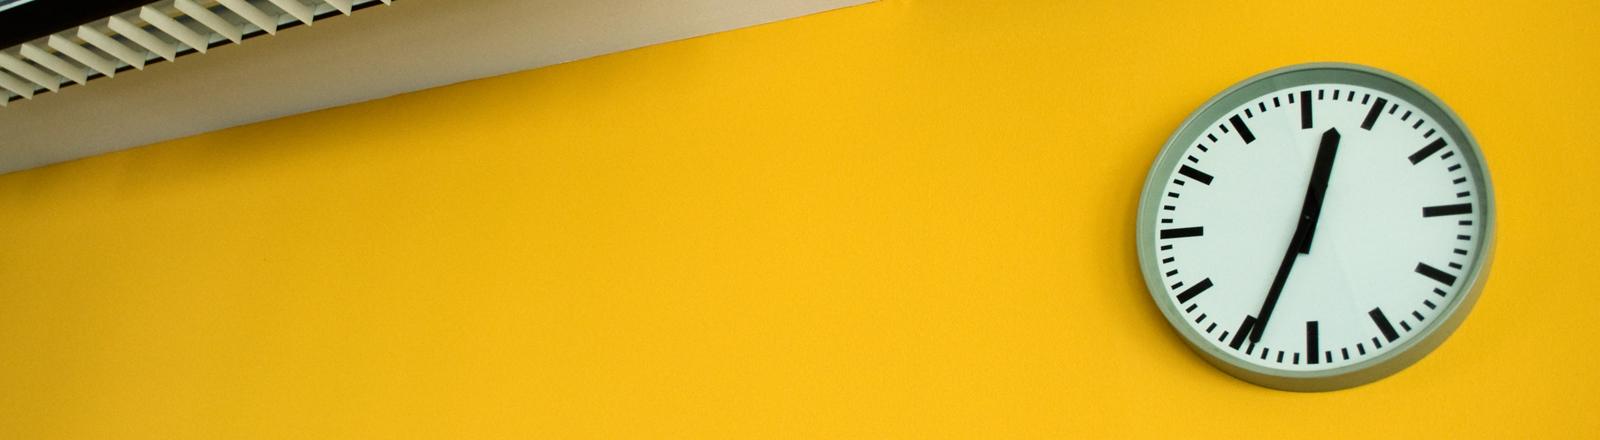 Eine Uhr an einer gelben Wand